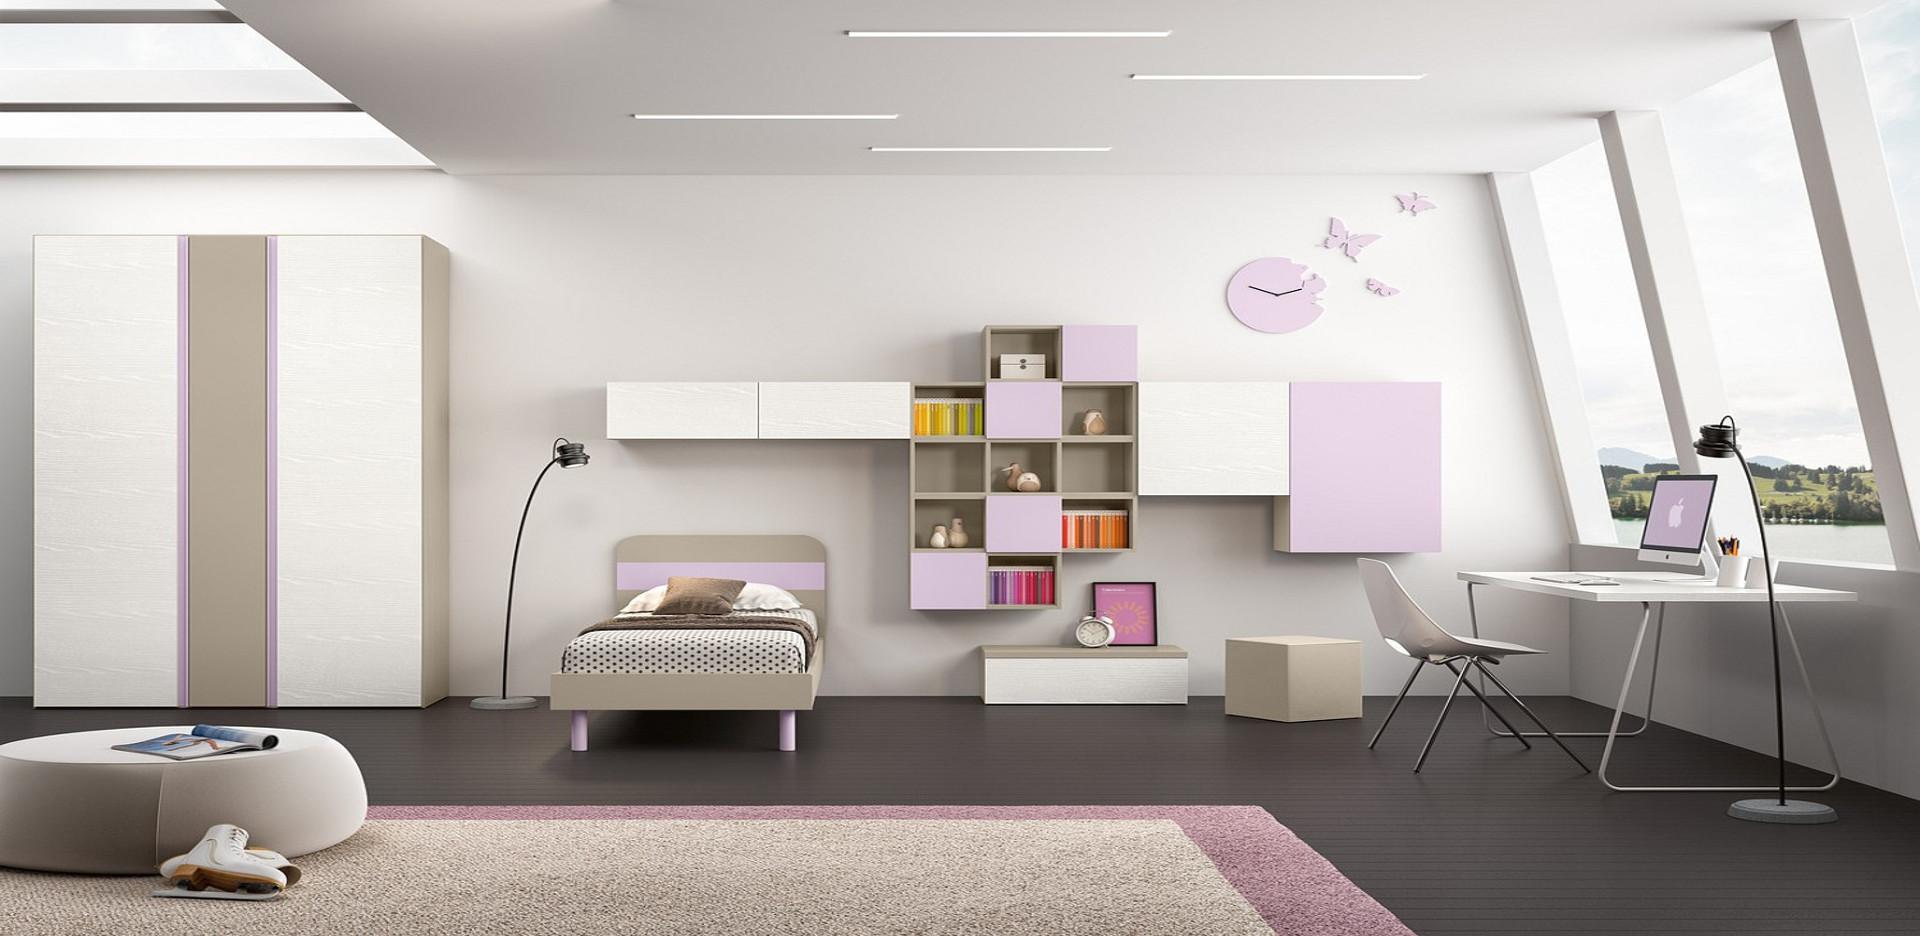 Camerette panatta arredamenti roma mobili e interior for Damiano arredamenti